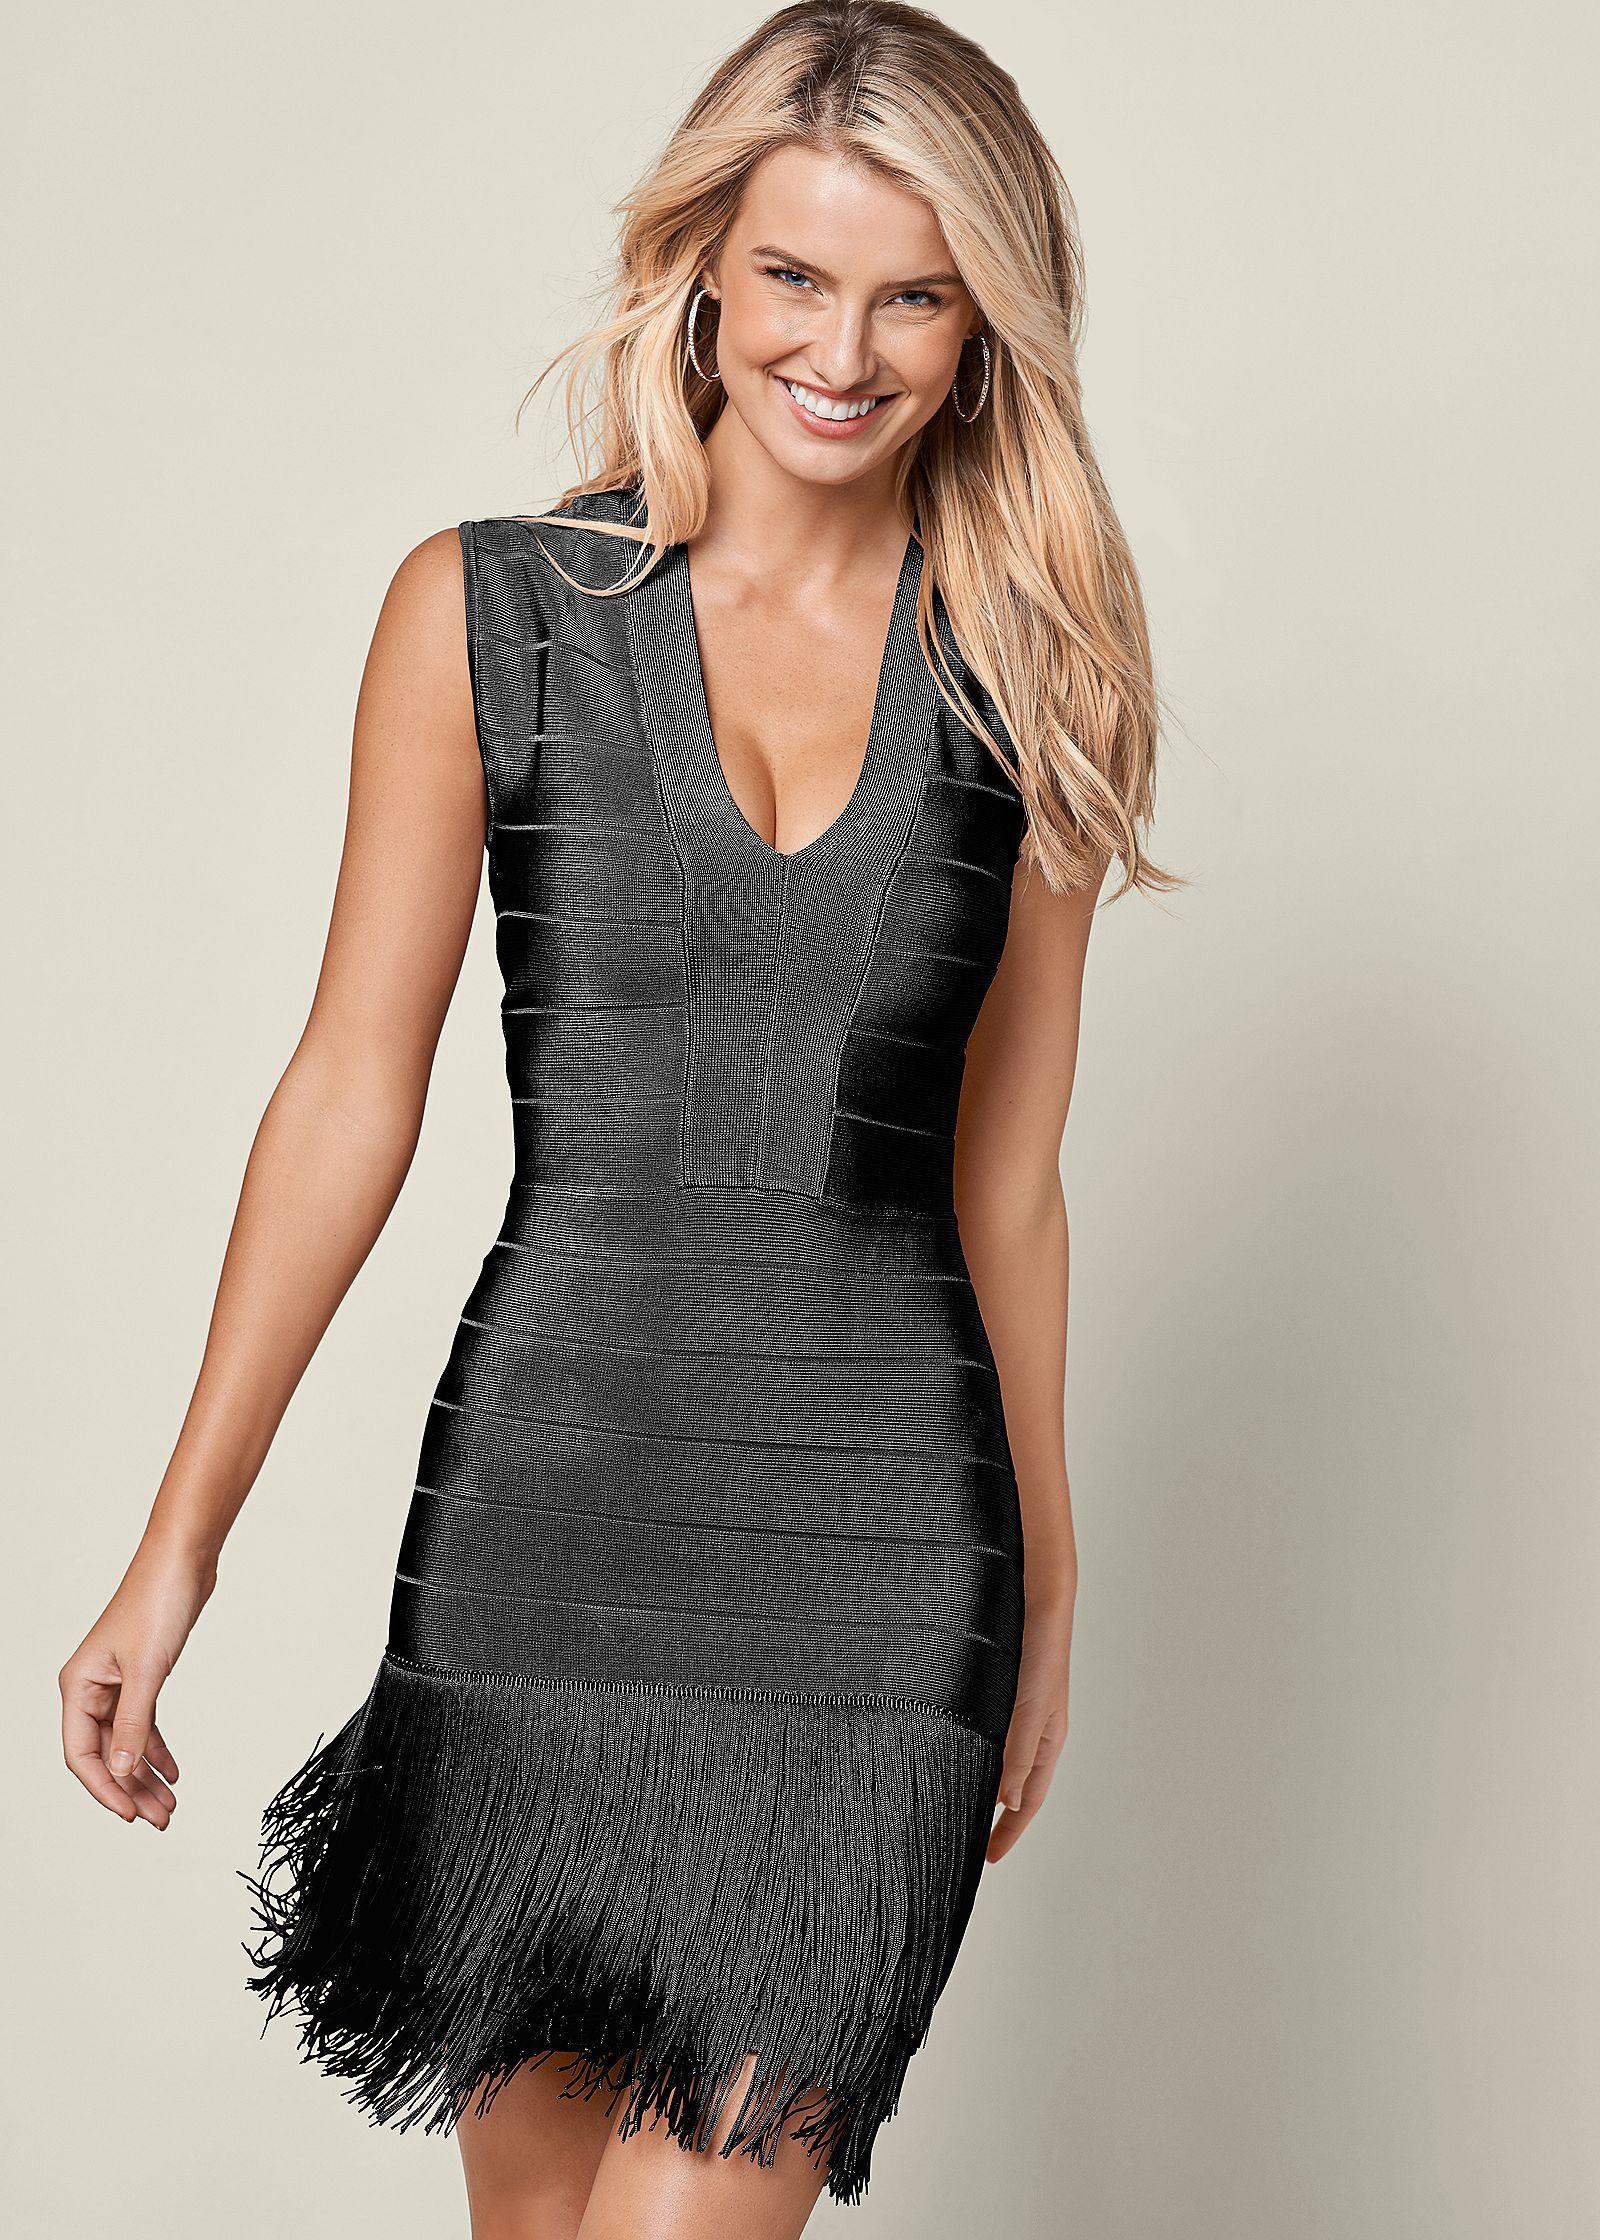 Dress Party Dresses